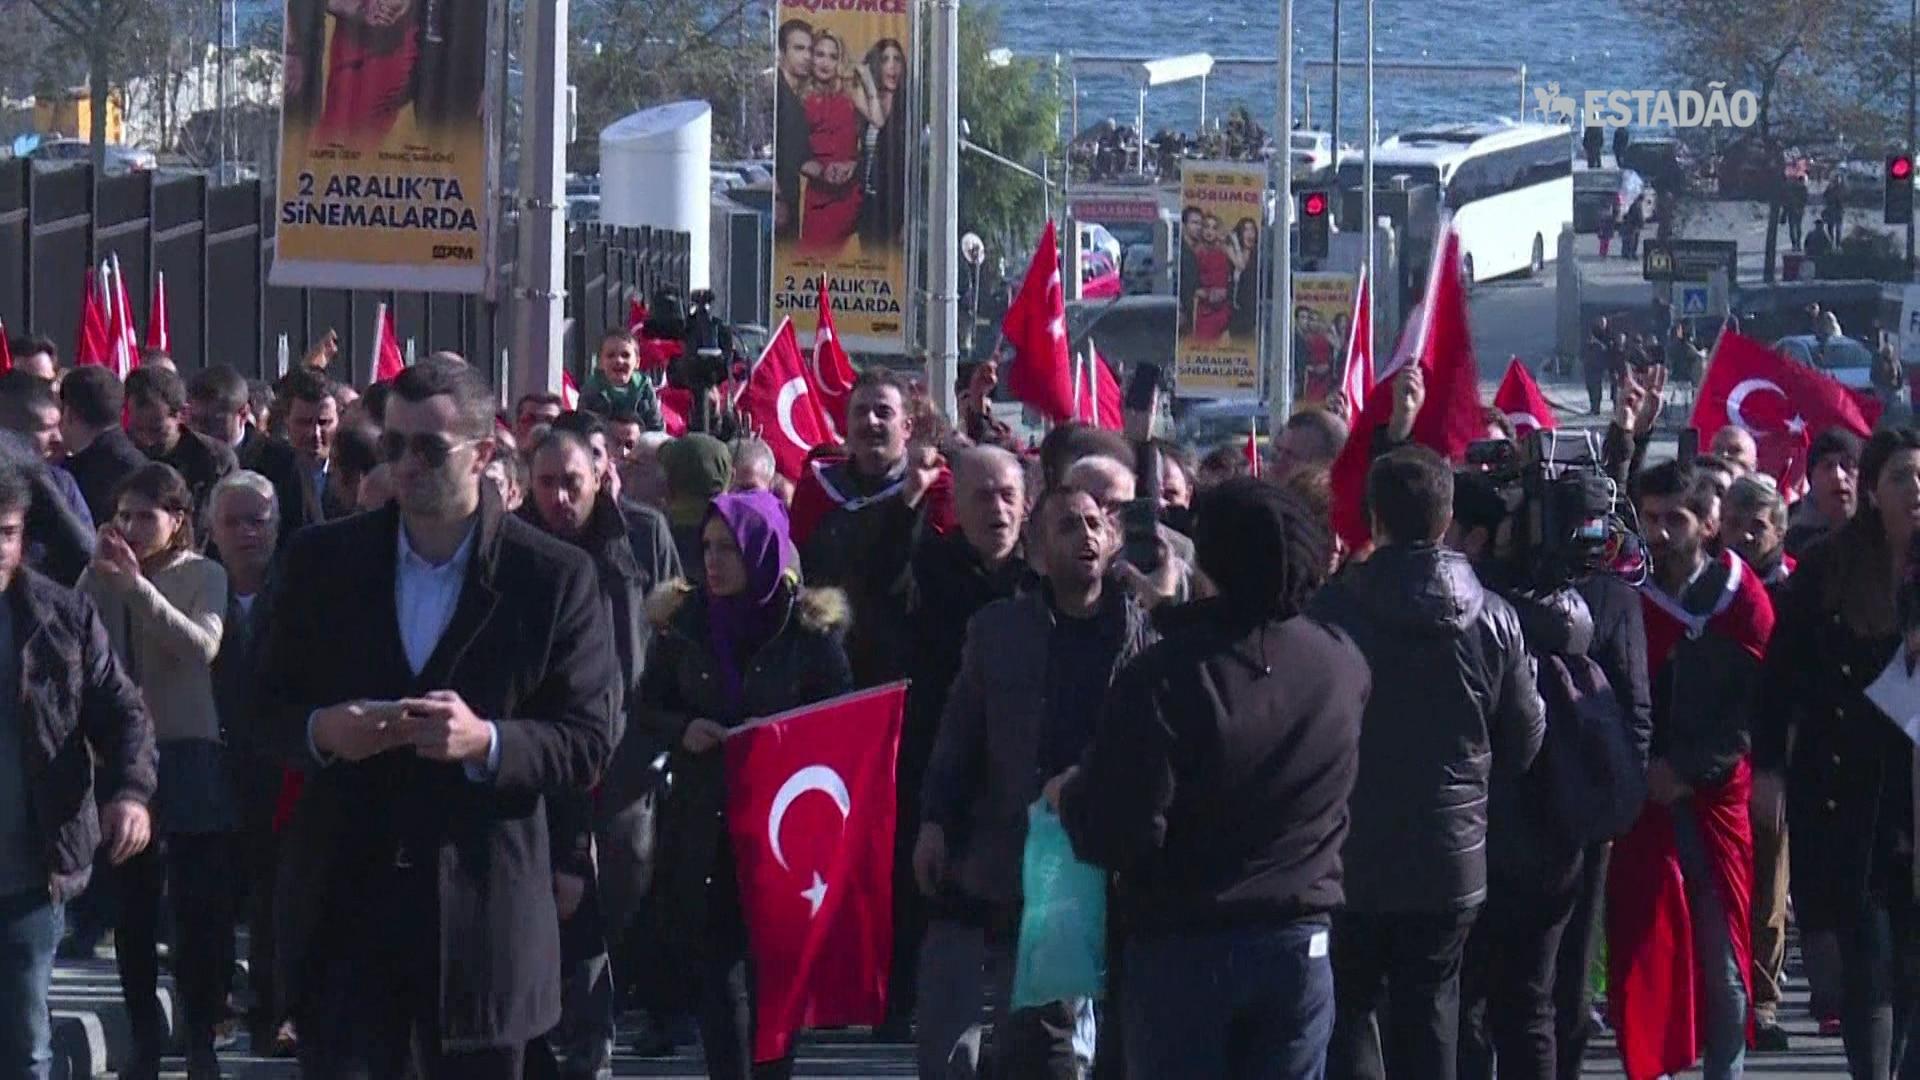 Turcos homenageiam vítimas dos atentados